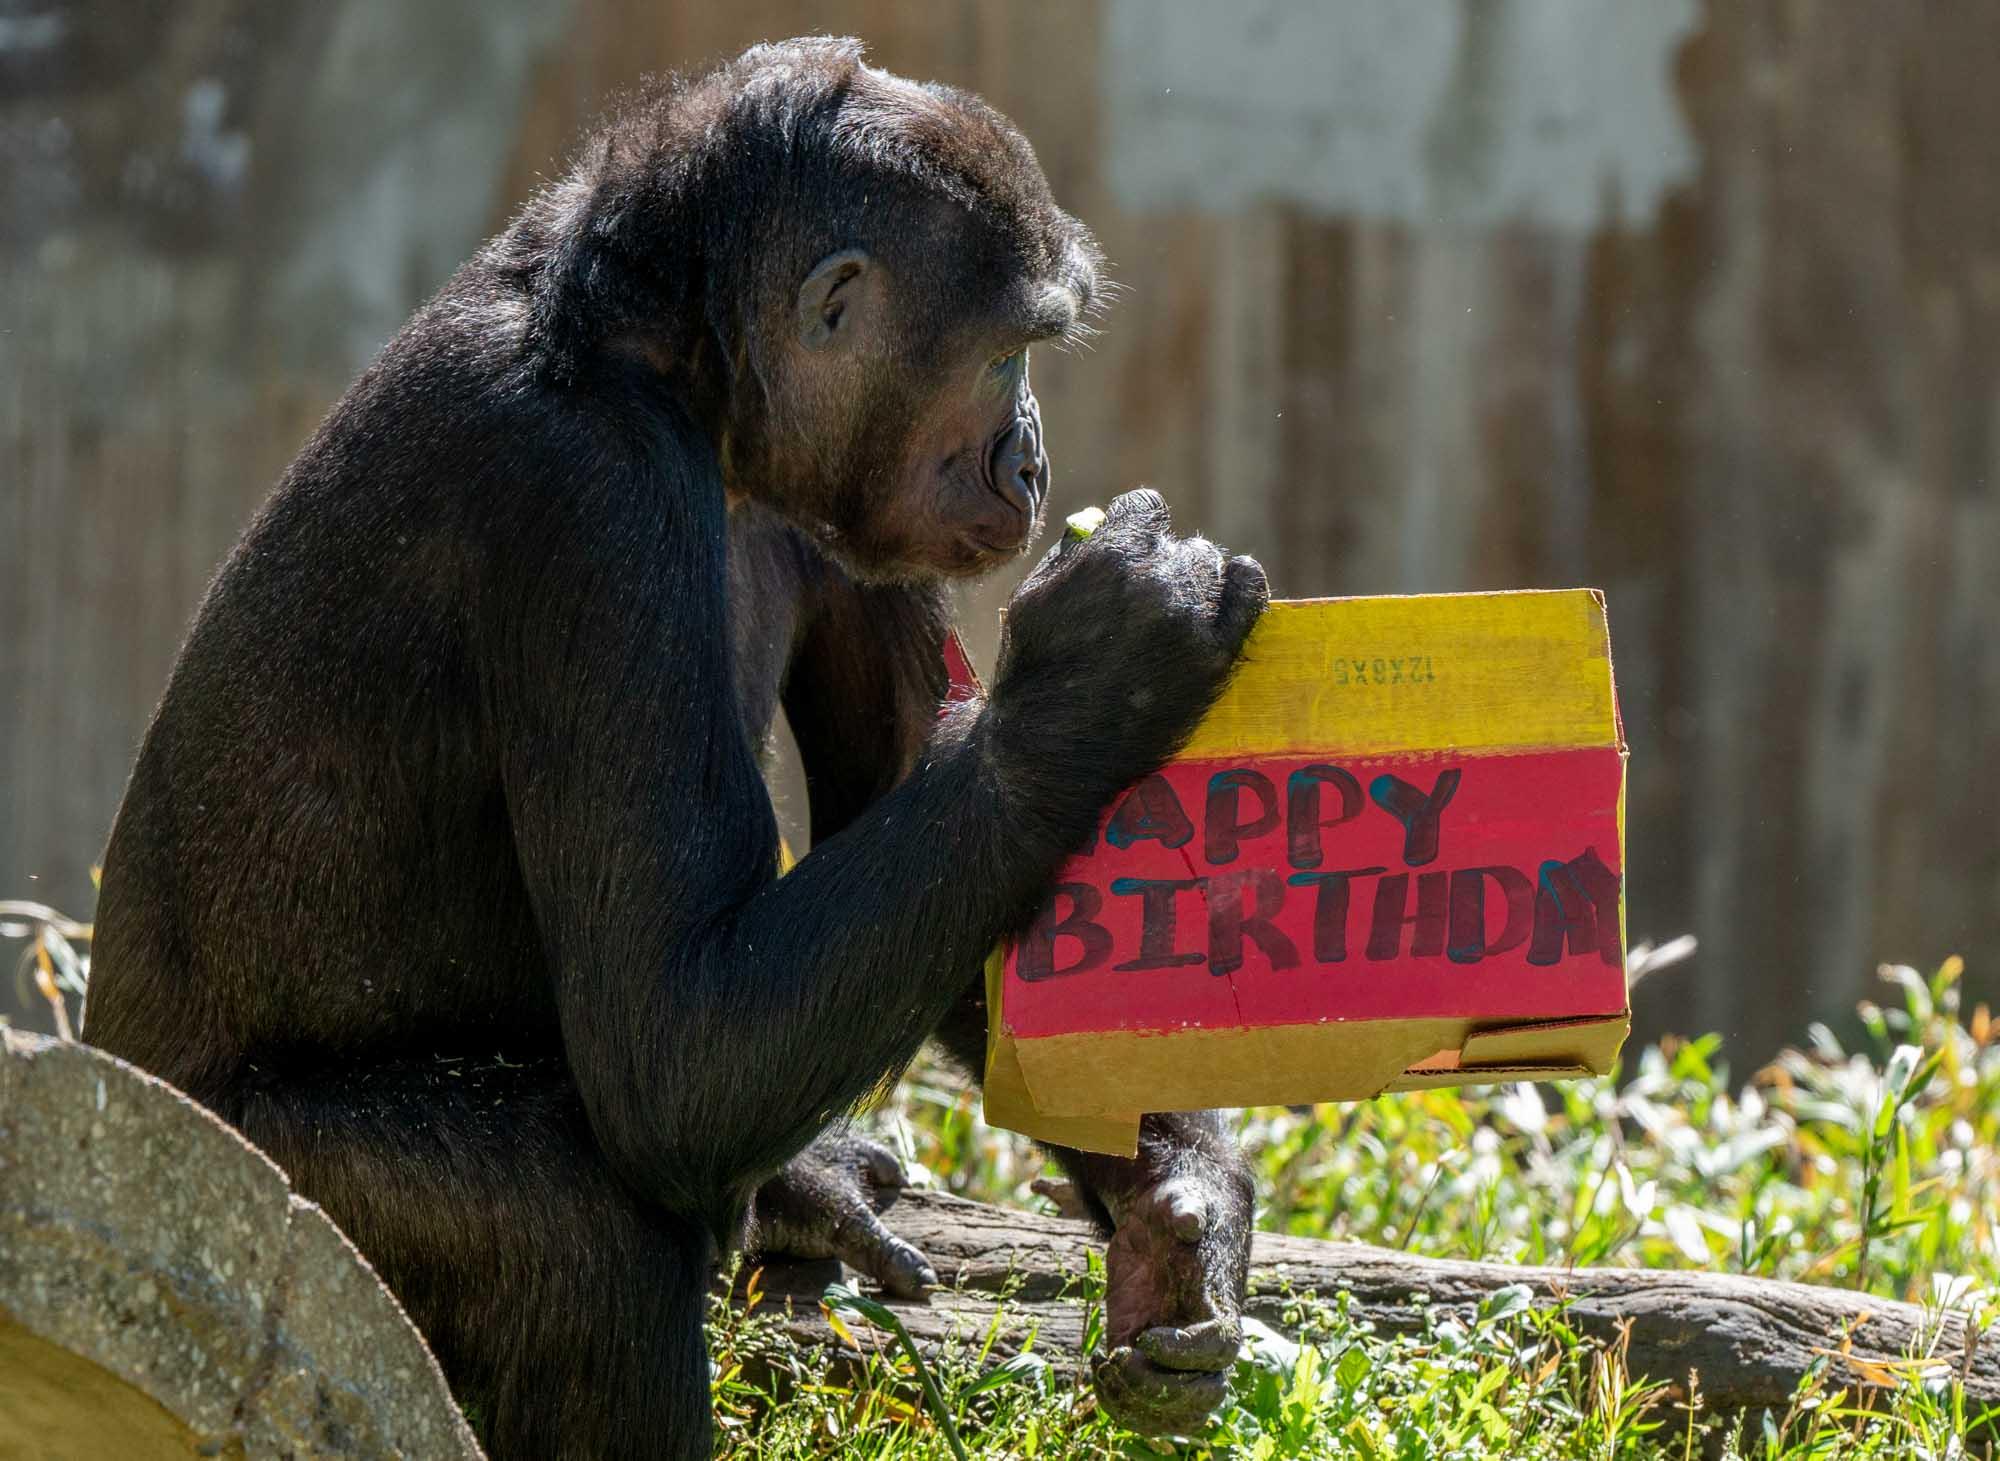 Happy birthday, Moke!